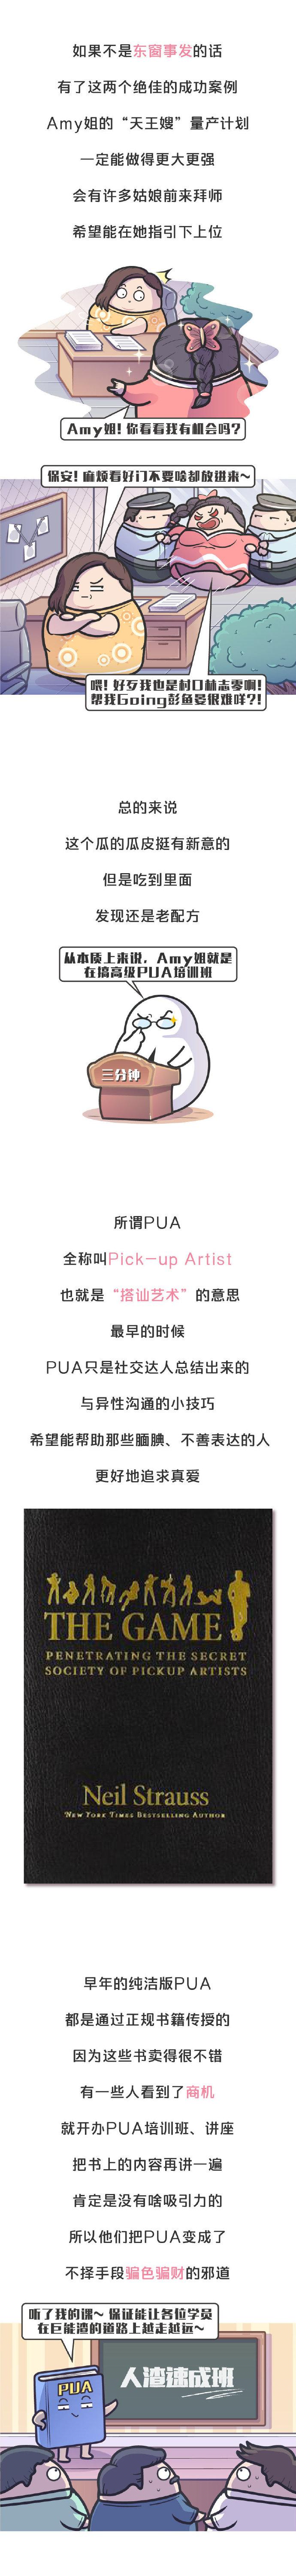 揭秘PUA:流水线包装出来的网红美女,个个都能嫁给明星大腕